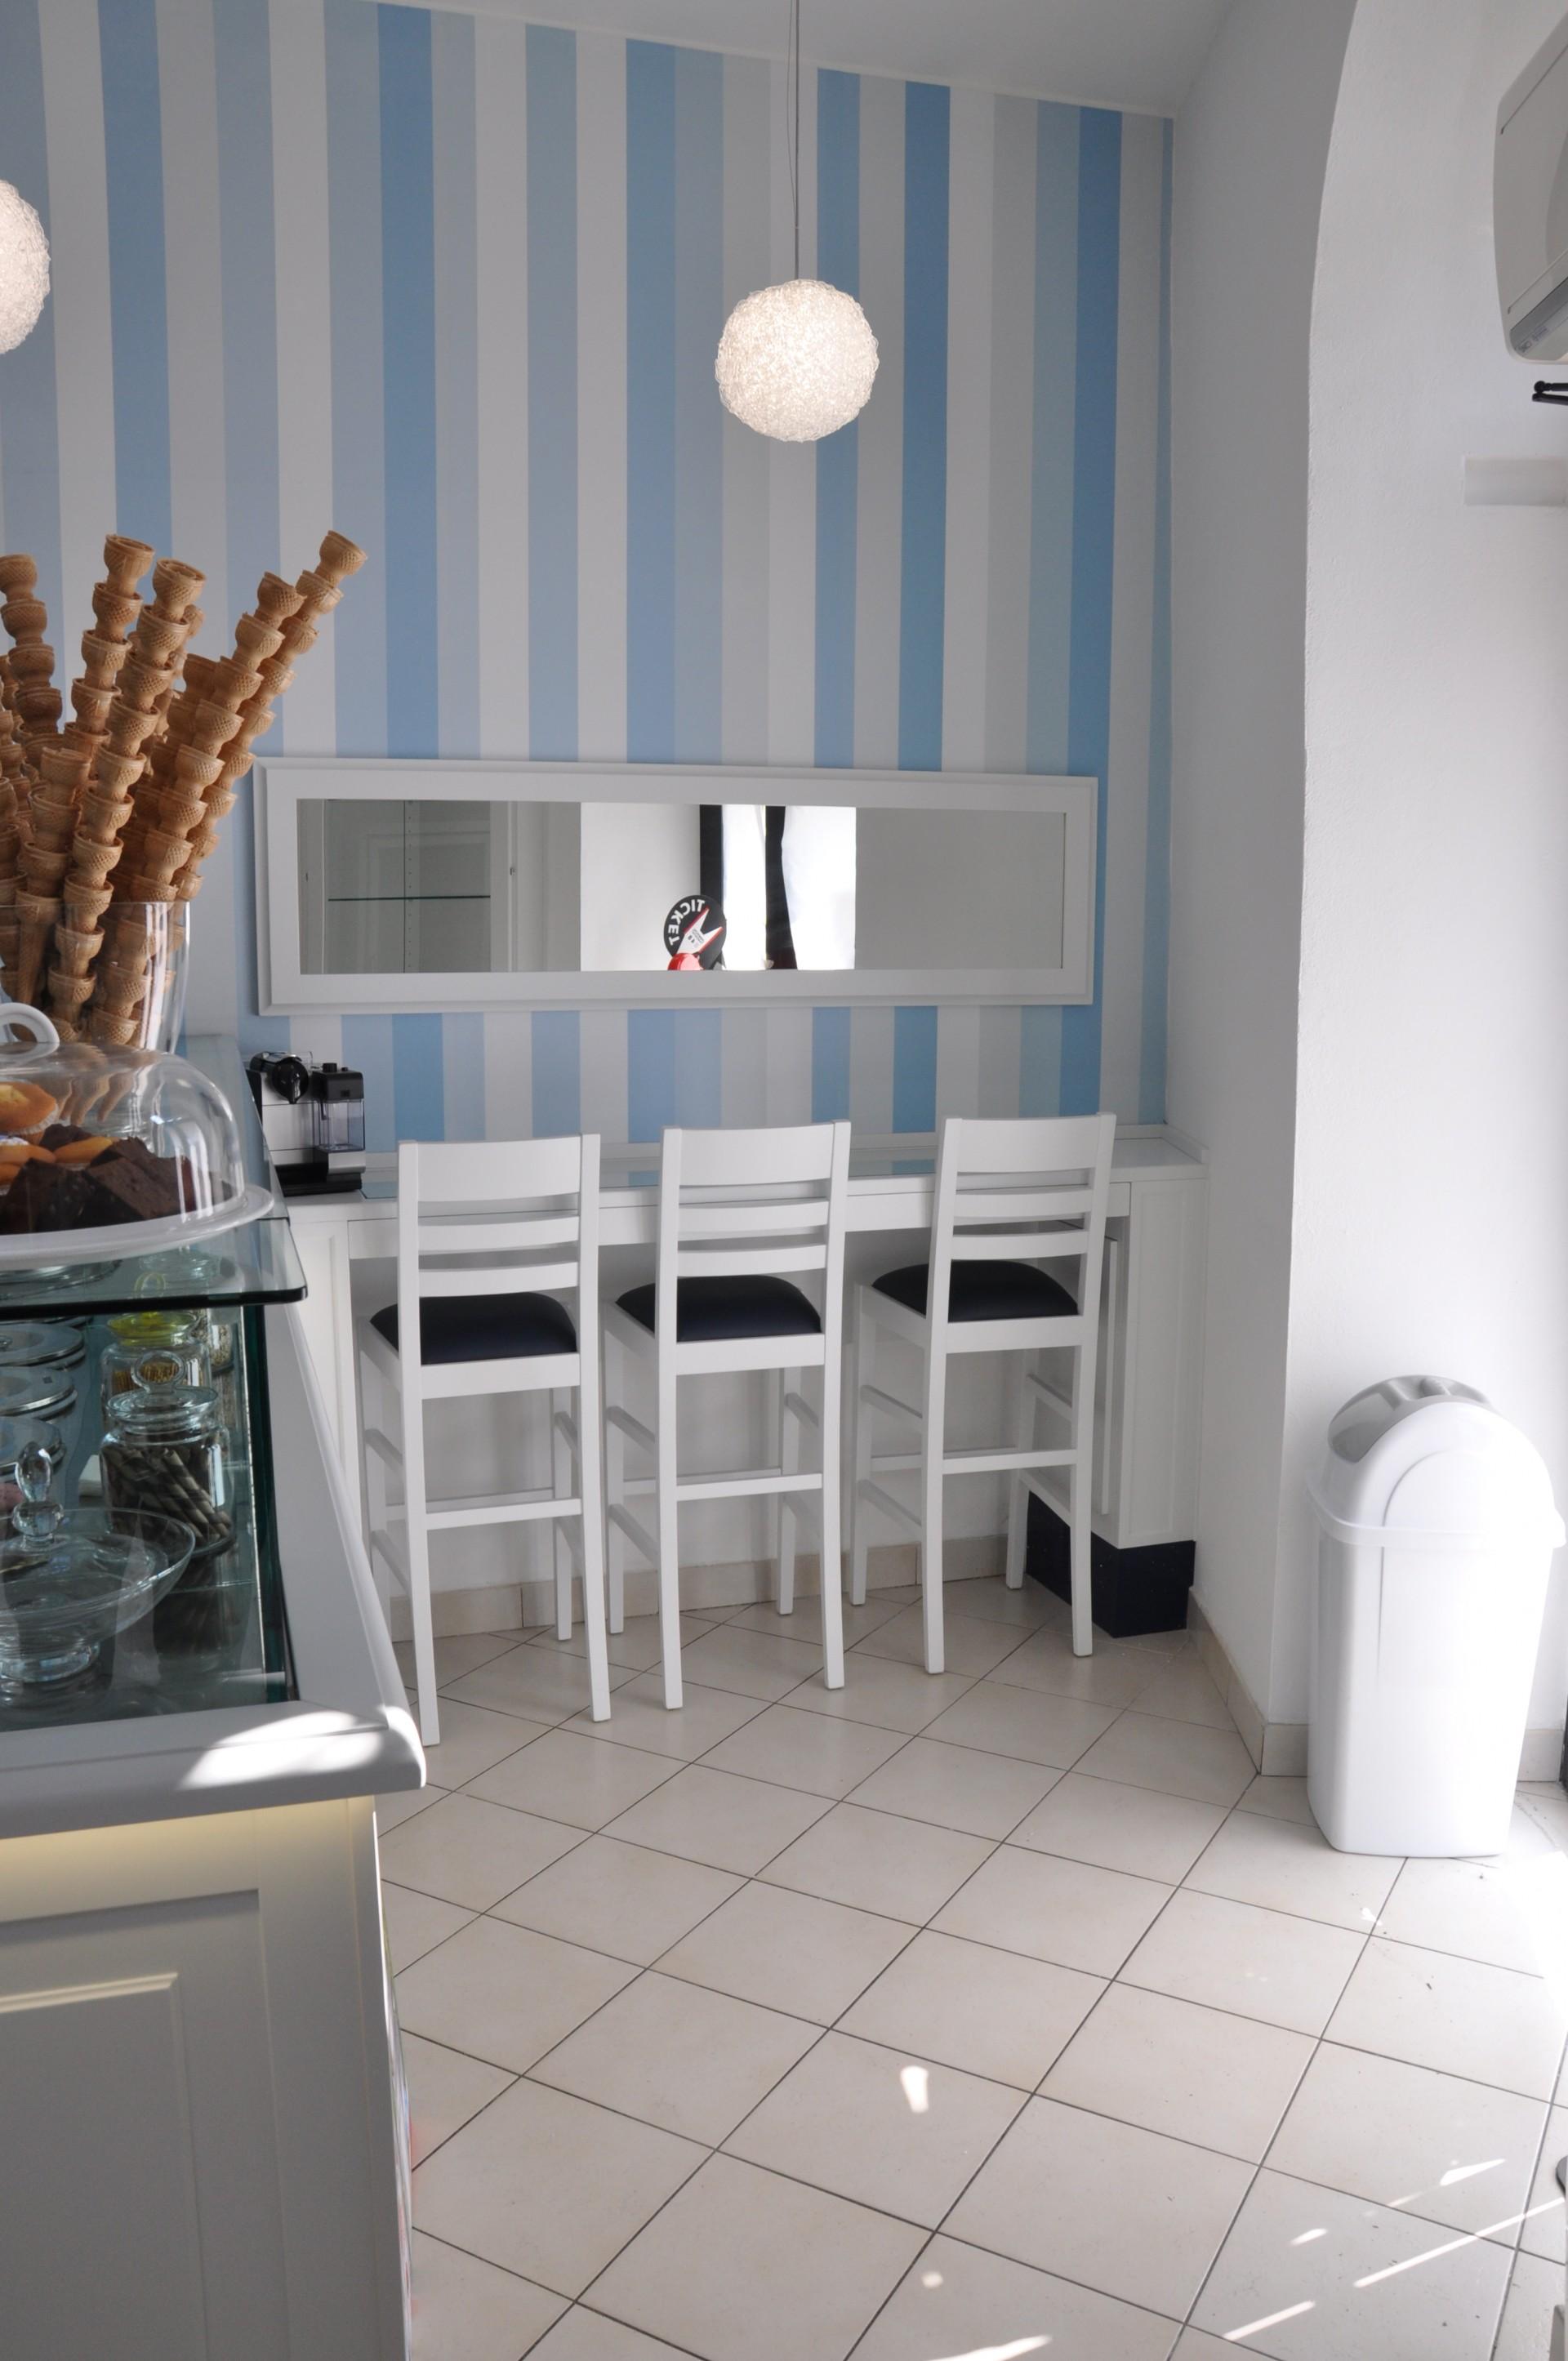 Arredamento per gelateria fadini mobili cerea verona for Negozi di arredamento verona